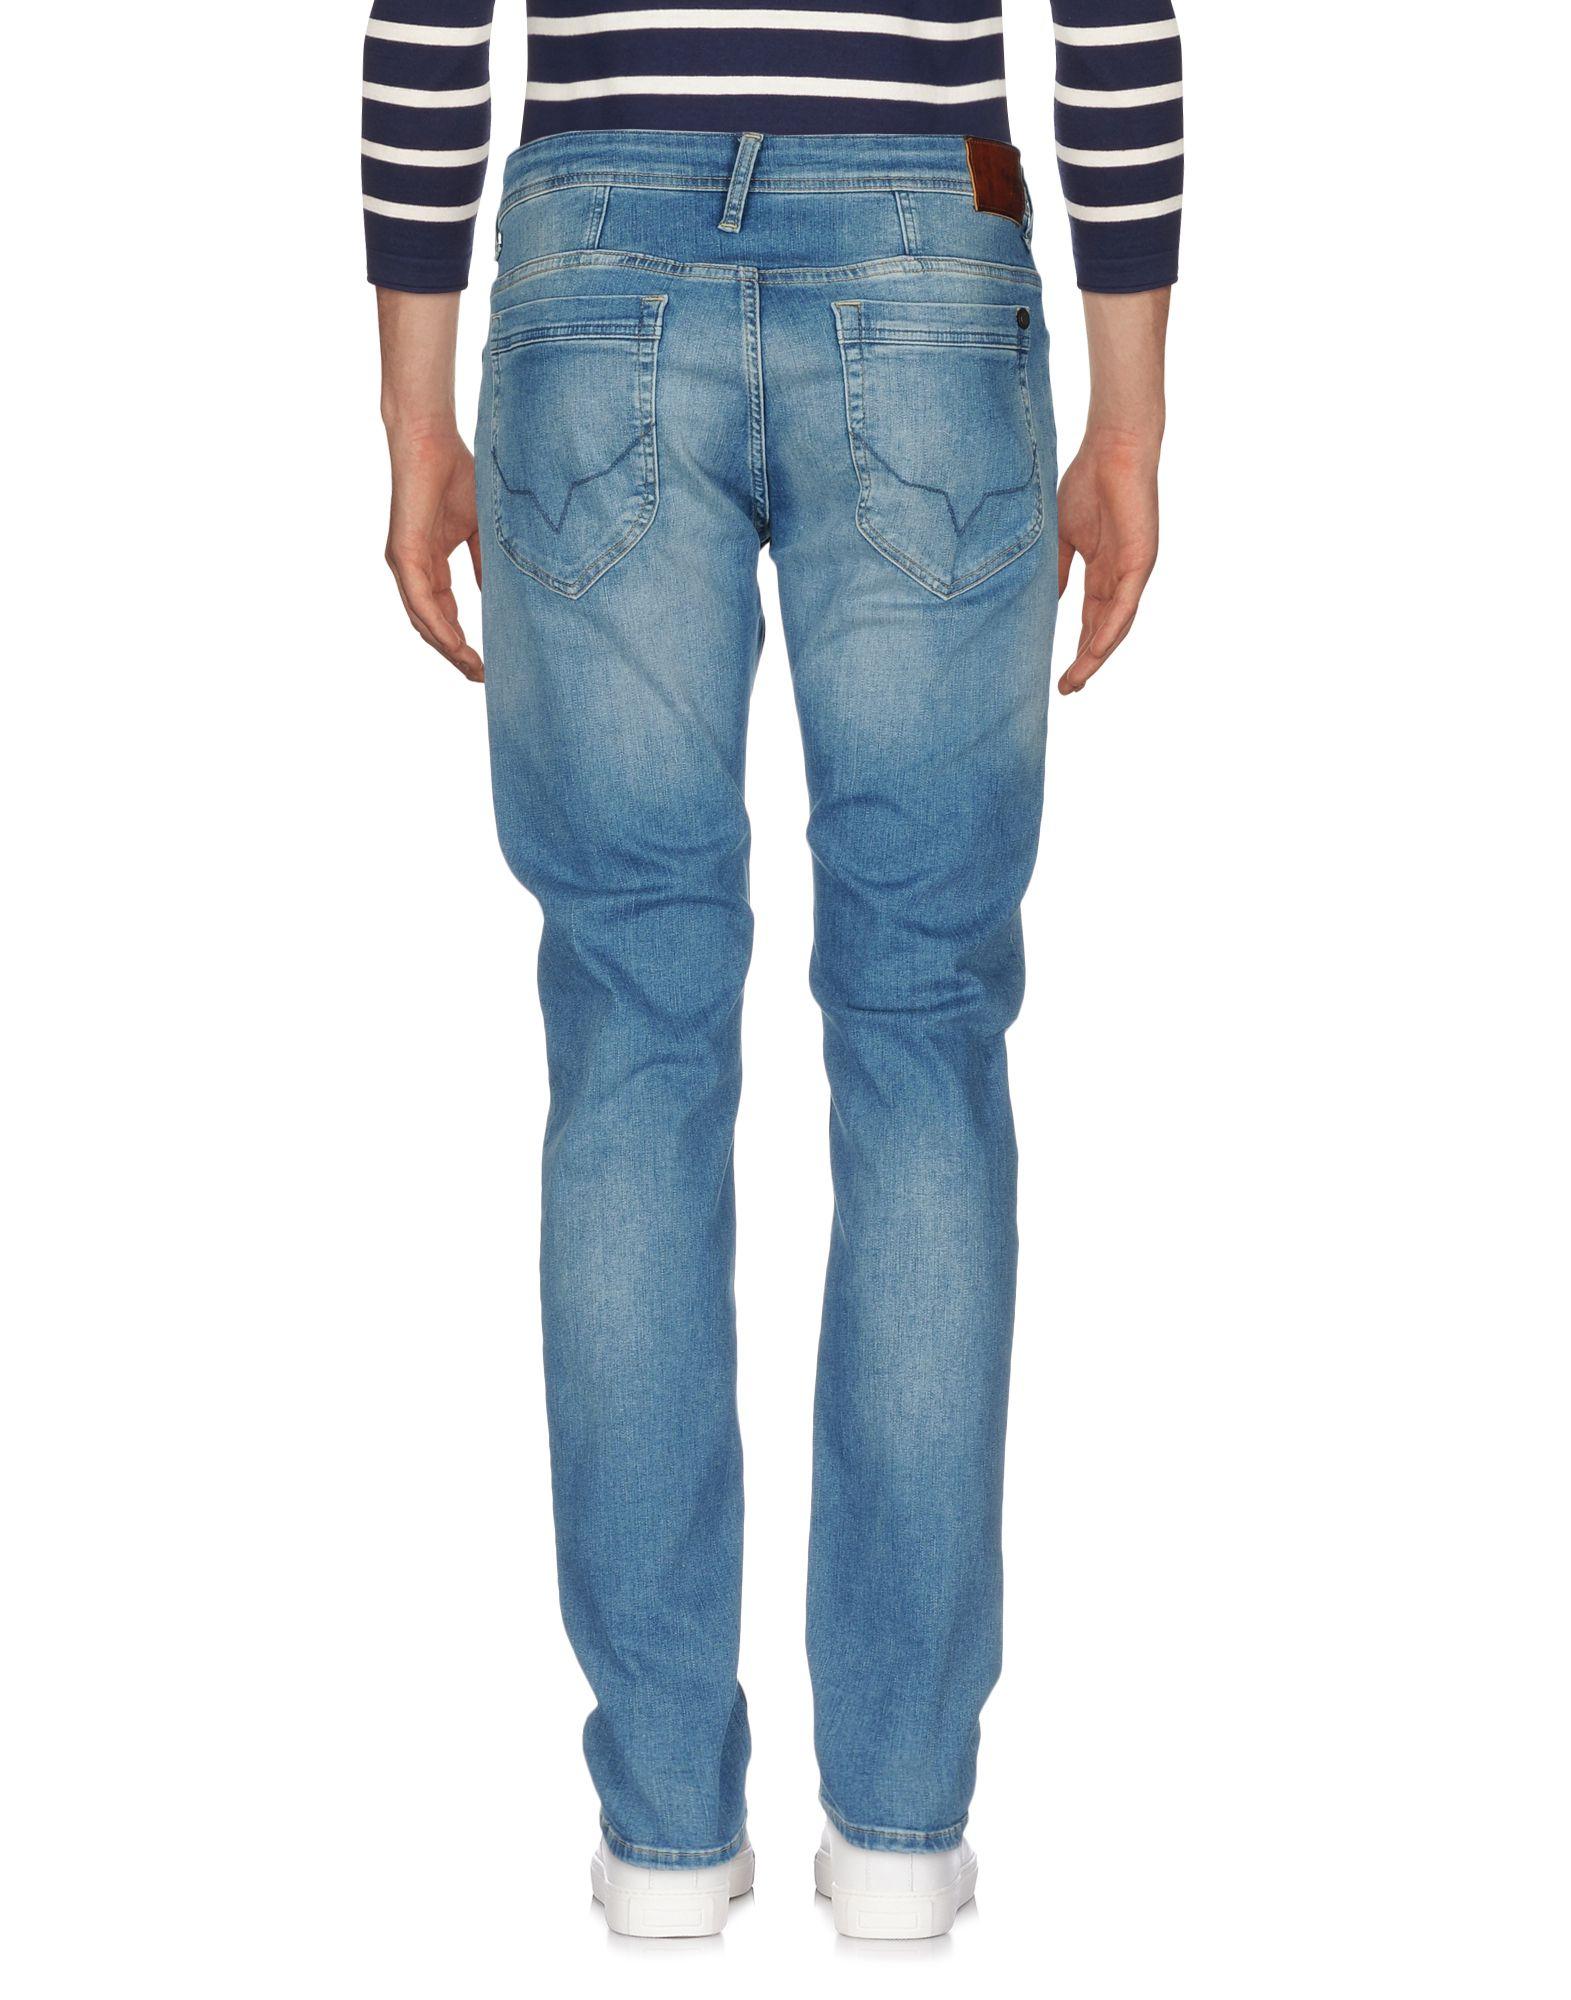 Pantaloni Jeans Pepe Jeans 42655048HD Uomo - 42655048HD Jeans 0a1676